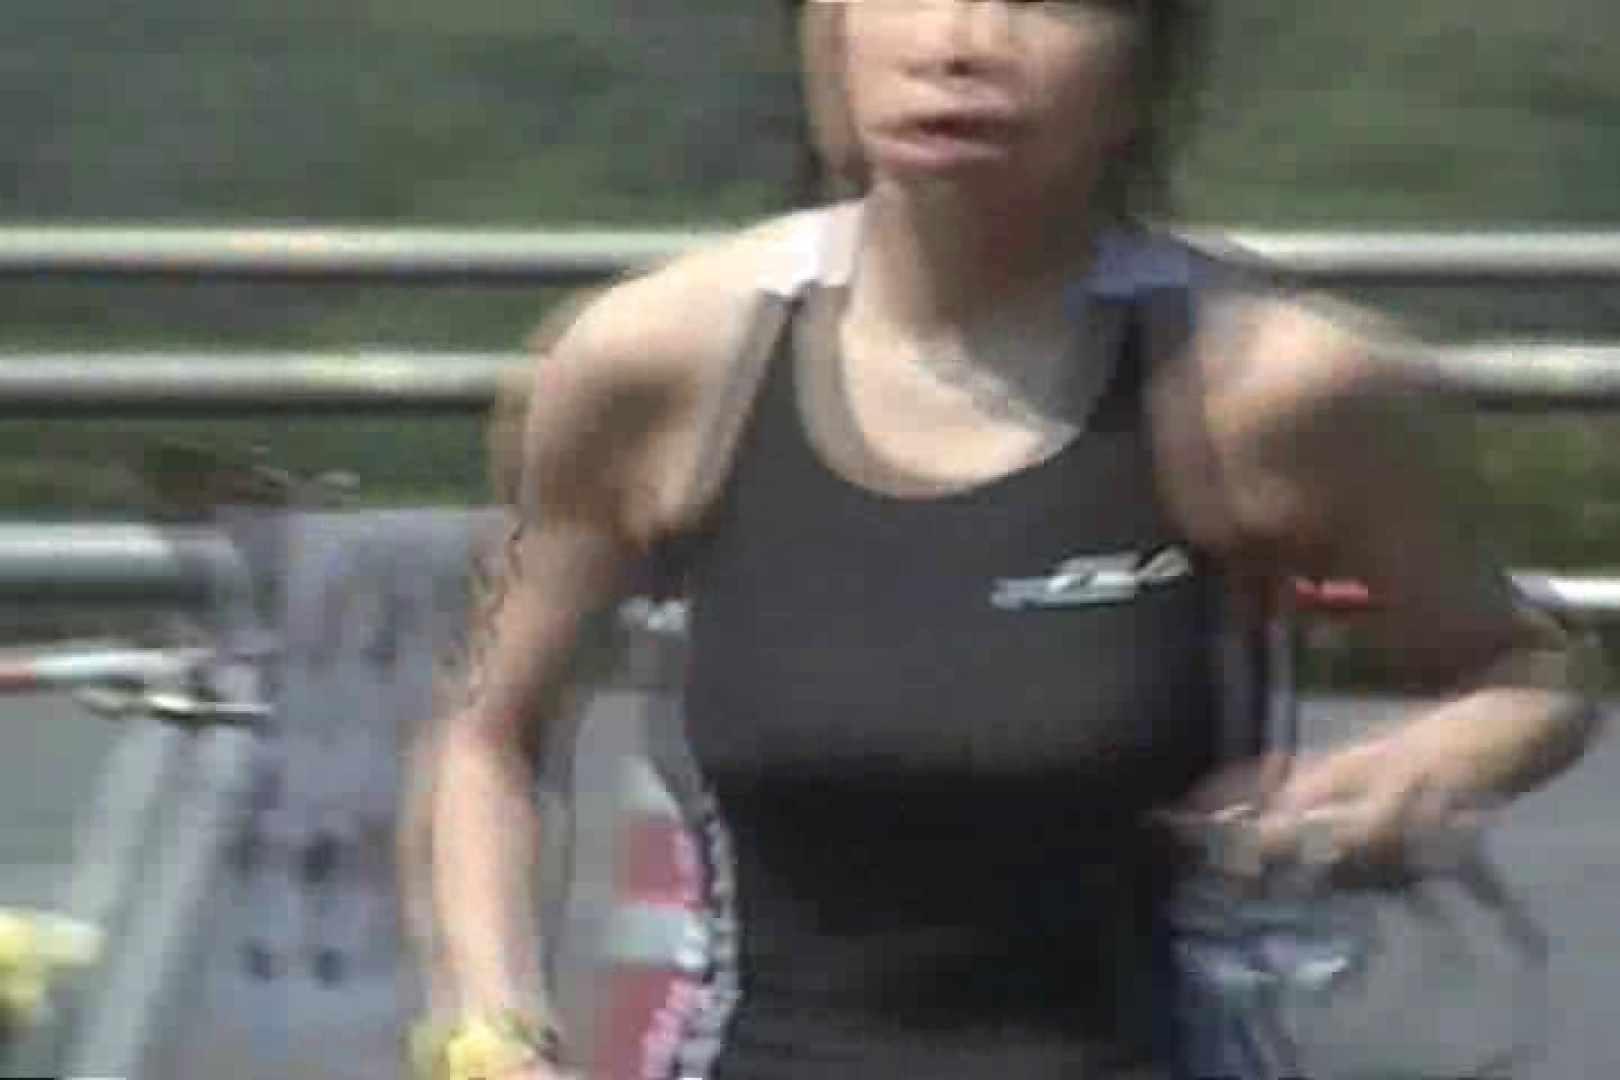 鉄人レース!!トライアスロンに挑む女性達!!Vol.6 コスチューム   エロティックなOL  75画像 47